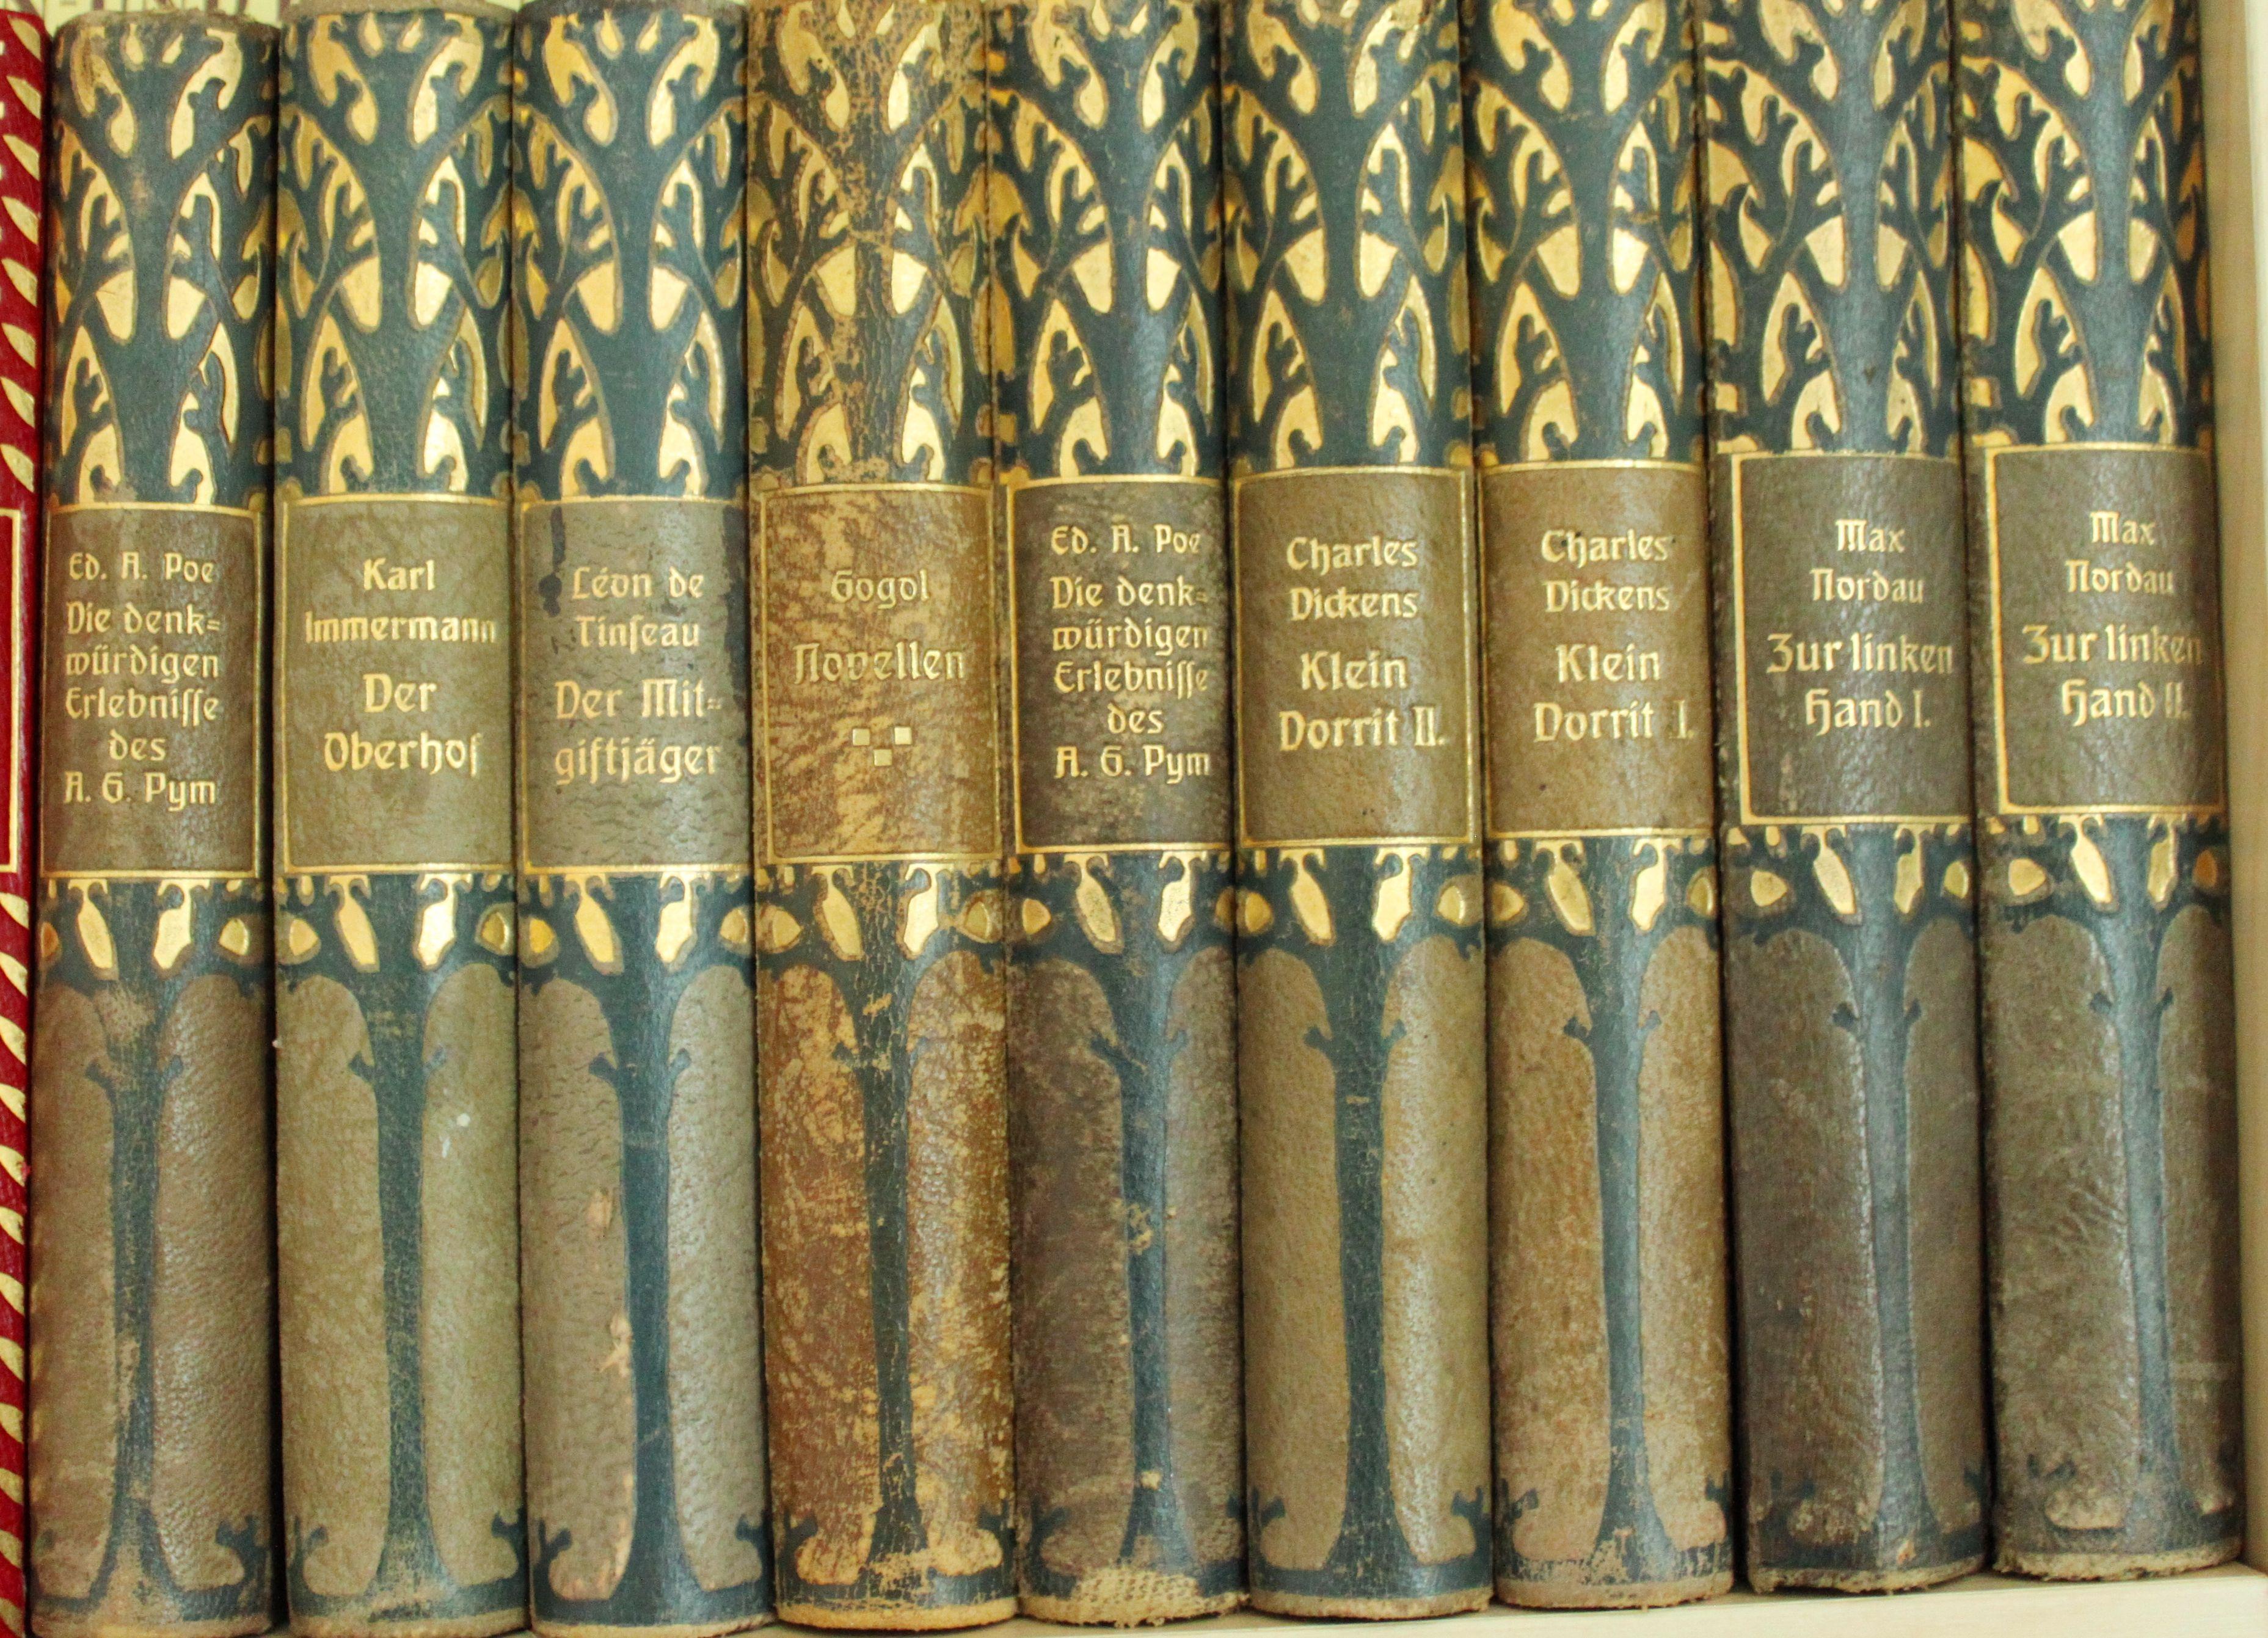 Bücher des Deutschen Hauses - 2. Reihe Herausgegeben von Rudolf Presber  Buchverlag fürs Deutsche Haus 1908